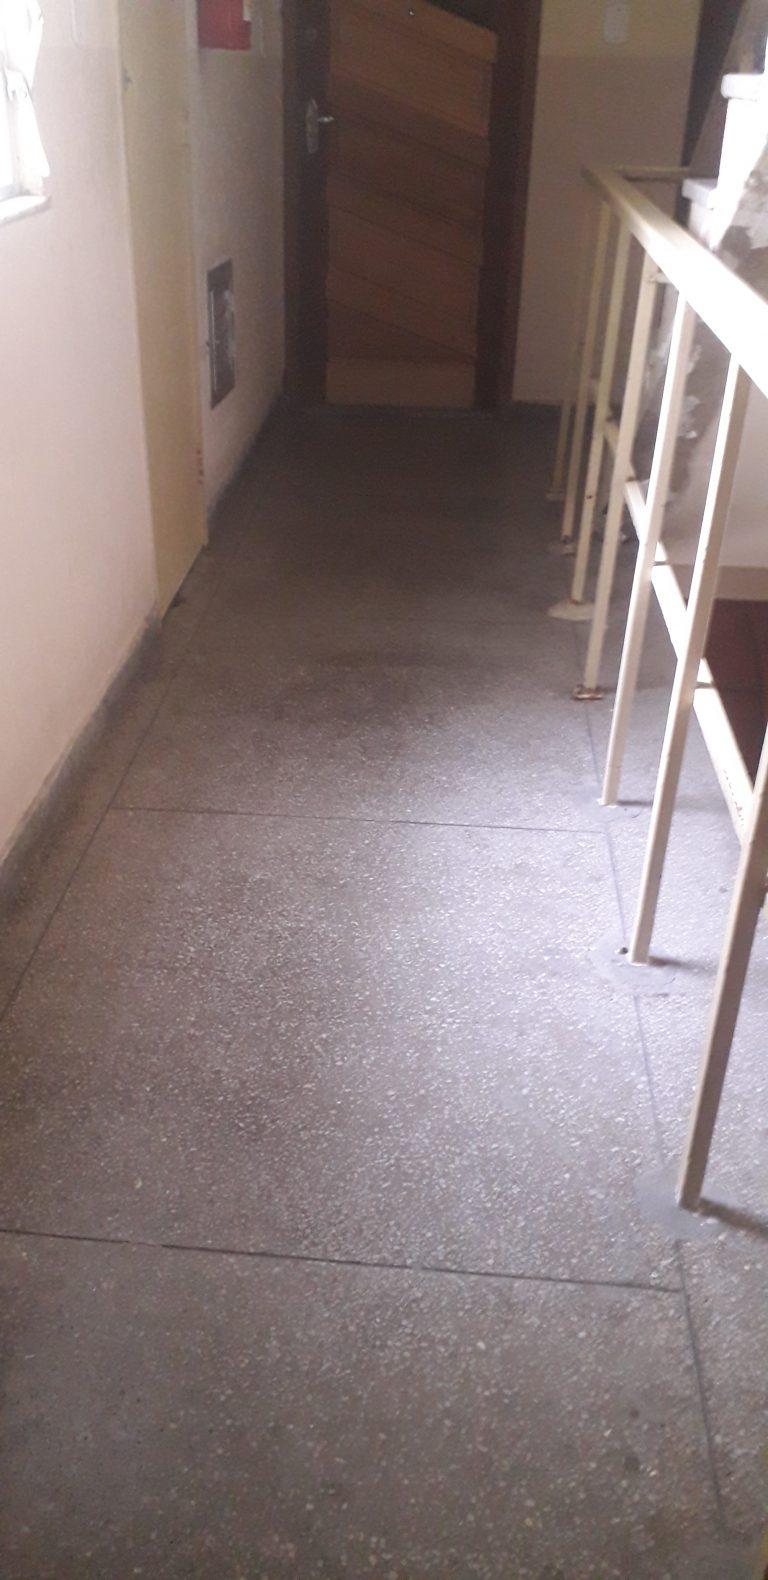 Apartamento 2º andar com 55 Metros quadrados, 02 quartos, Sala, Cozinha, Banheiro, está localizado no bairro Cordovil.